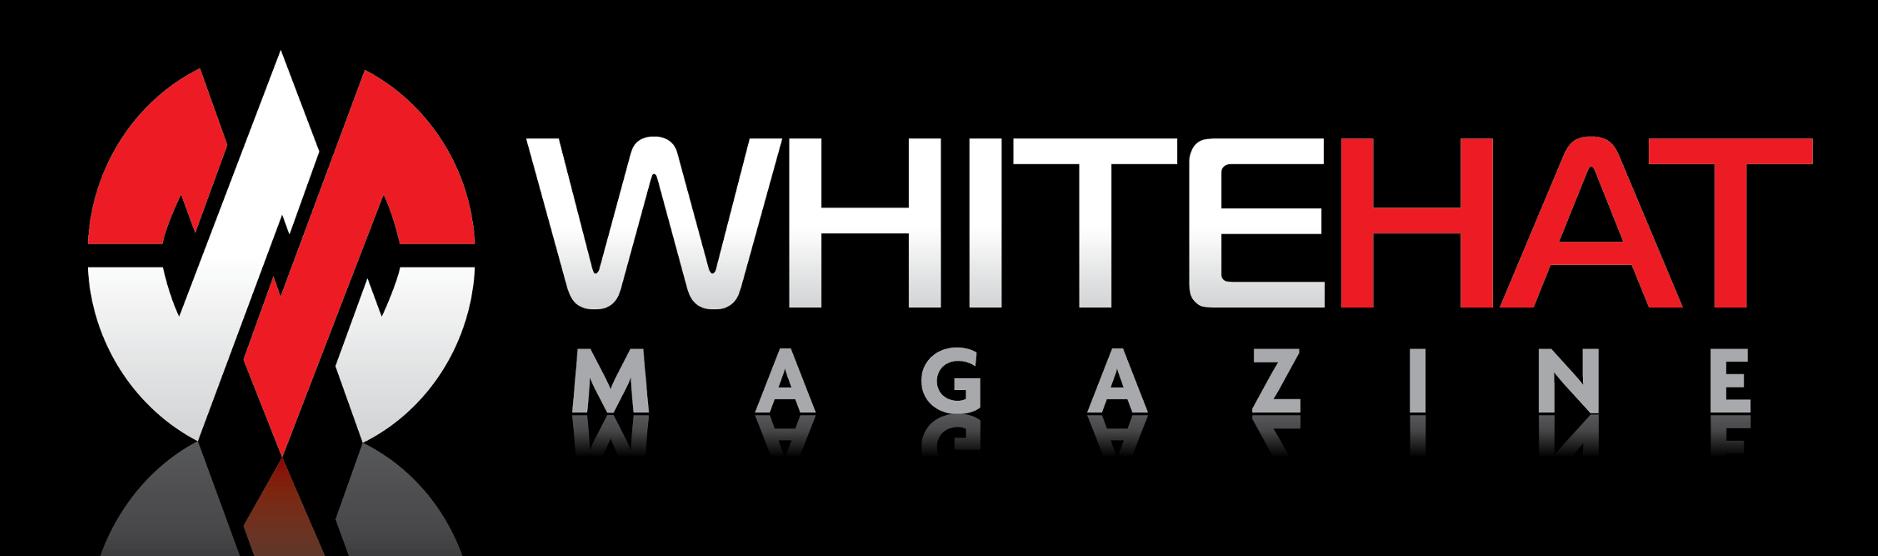 whitehat_magazine_skinny.png